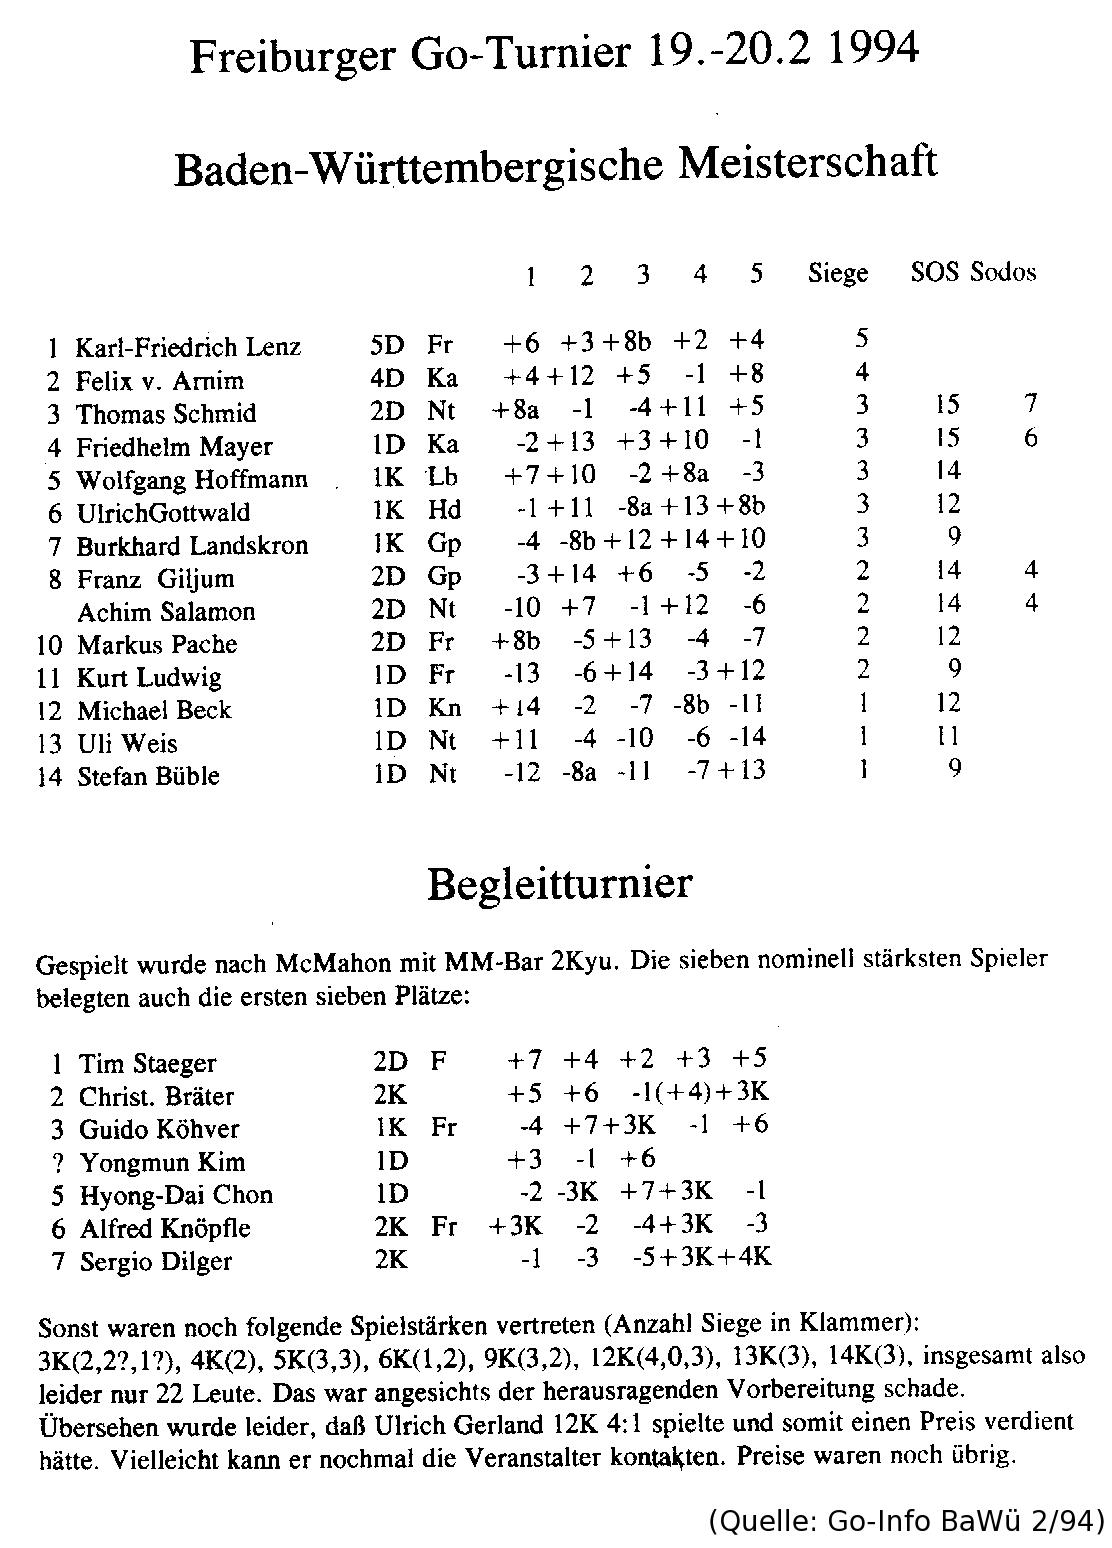 Ergebnisse 1994